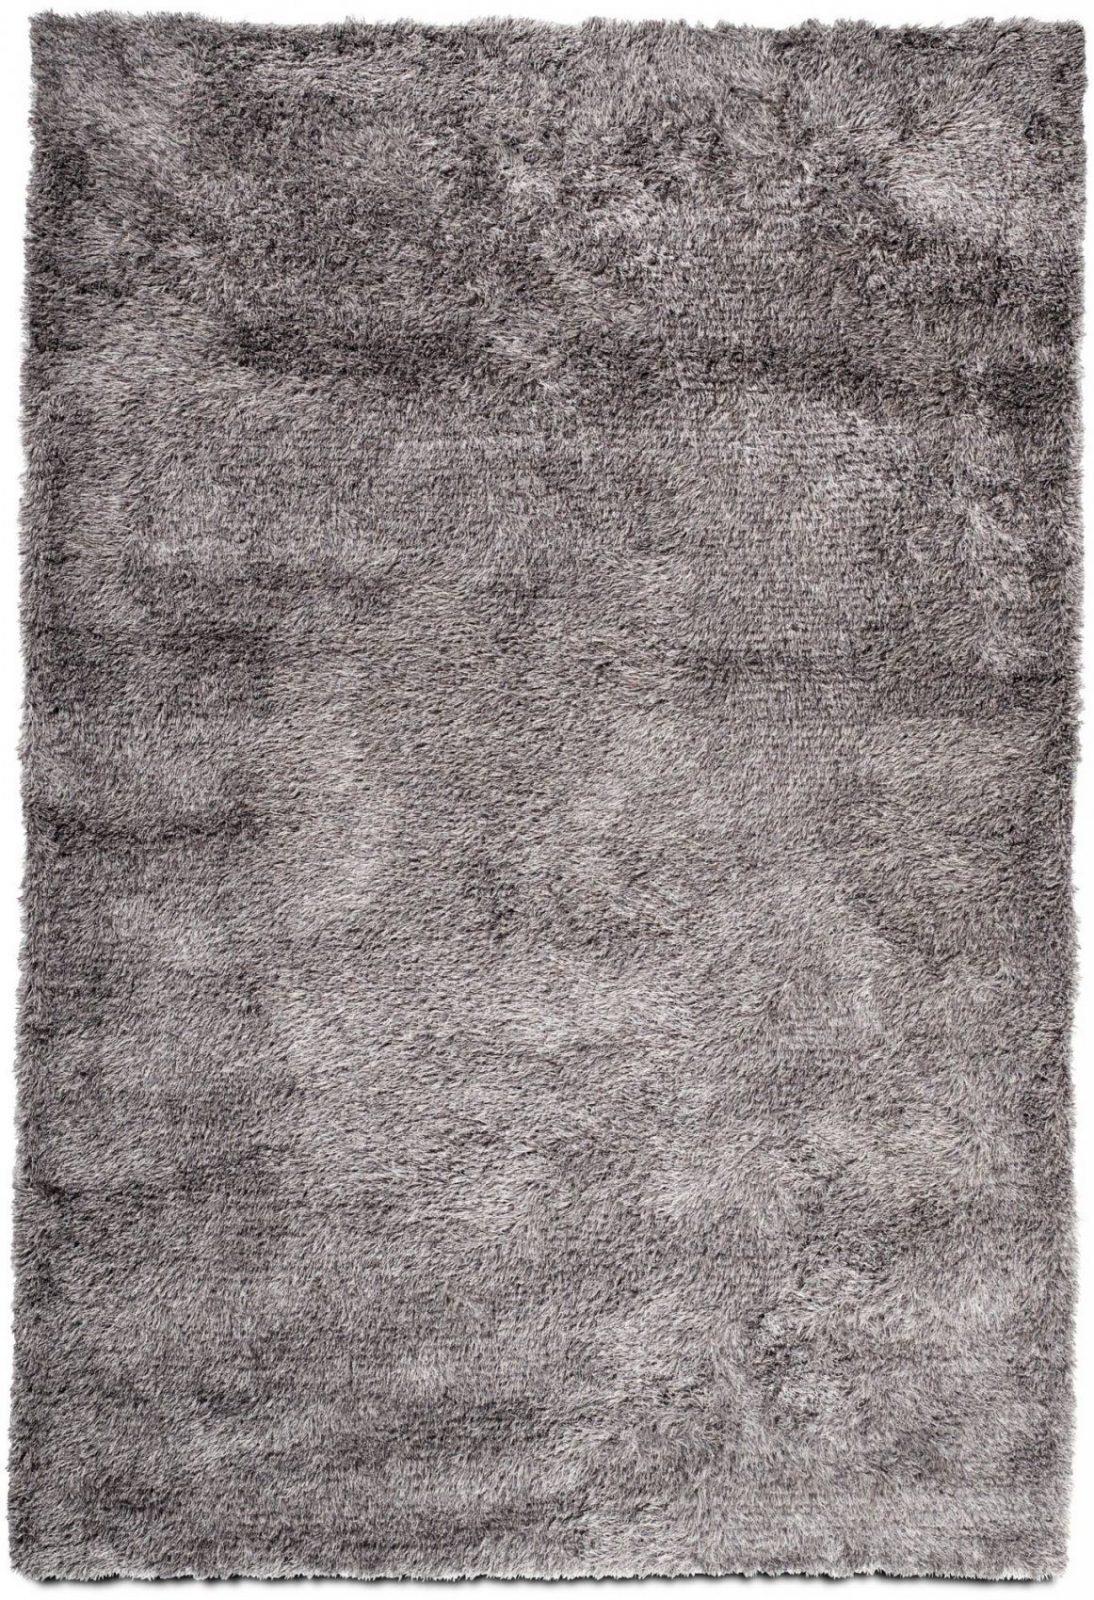 Teppiche Auf Rechnung Trotz Schufa Teppich Online Schn Galerie von Teppiche Auf Rechnung Trotz Schufa Bild